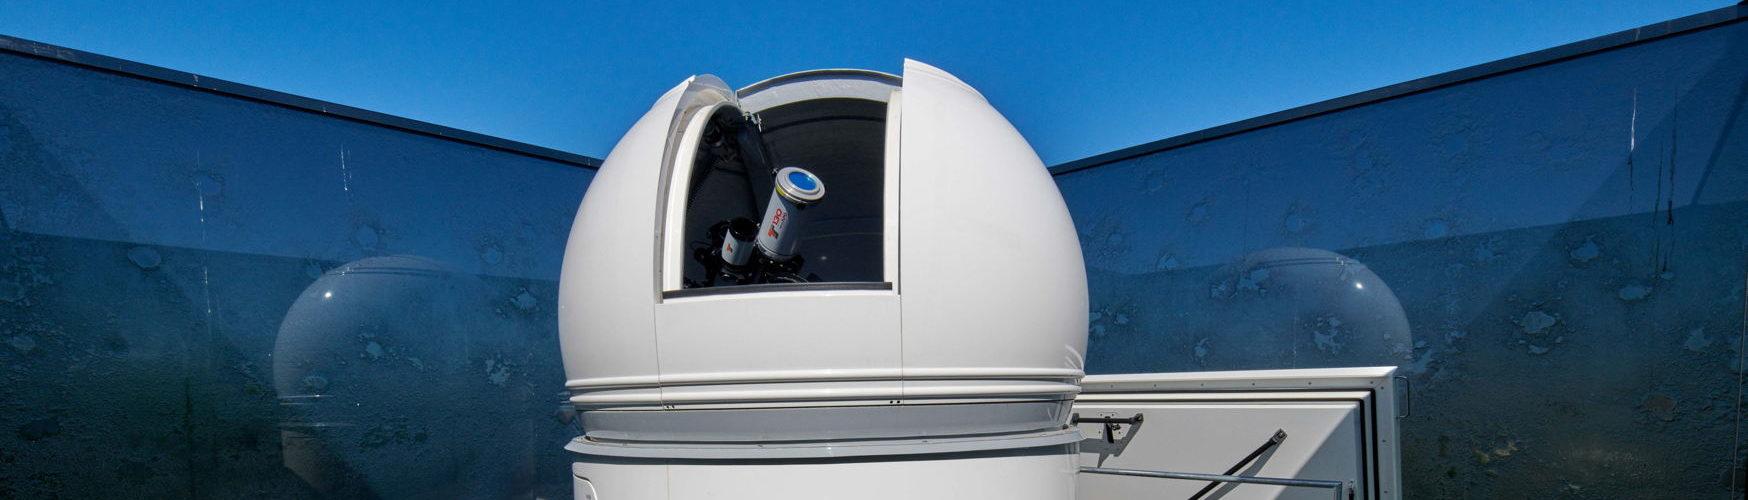 El telescopio dentro de su cúpula encima del «Uhrturm»